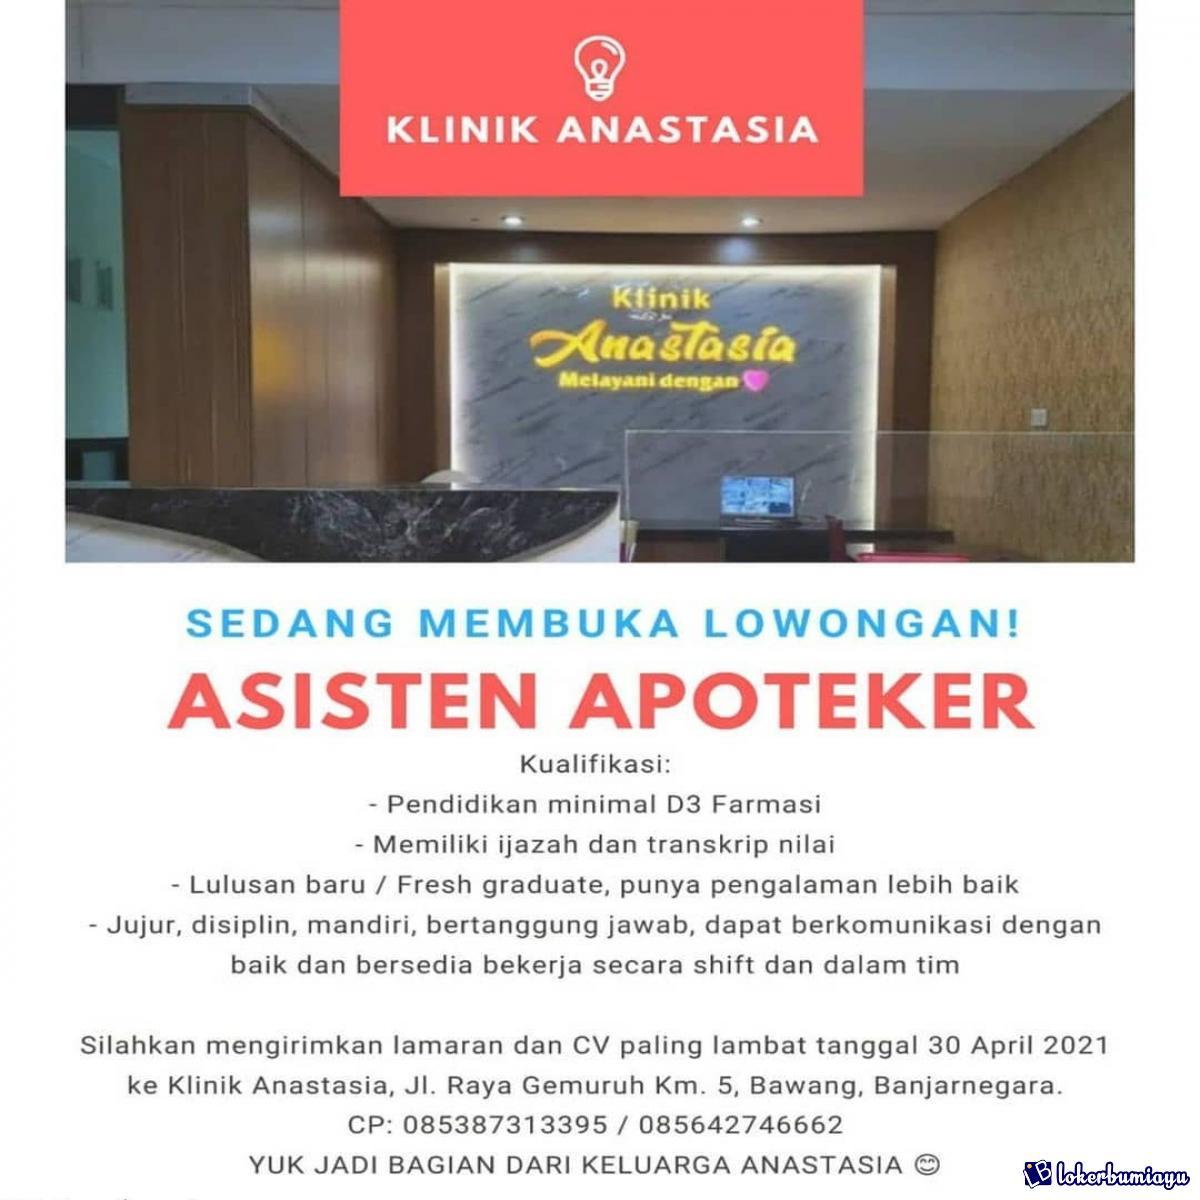 Klinik Anastasia Banjarnegara